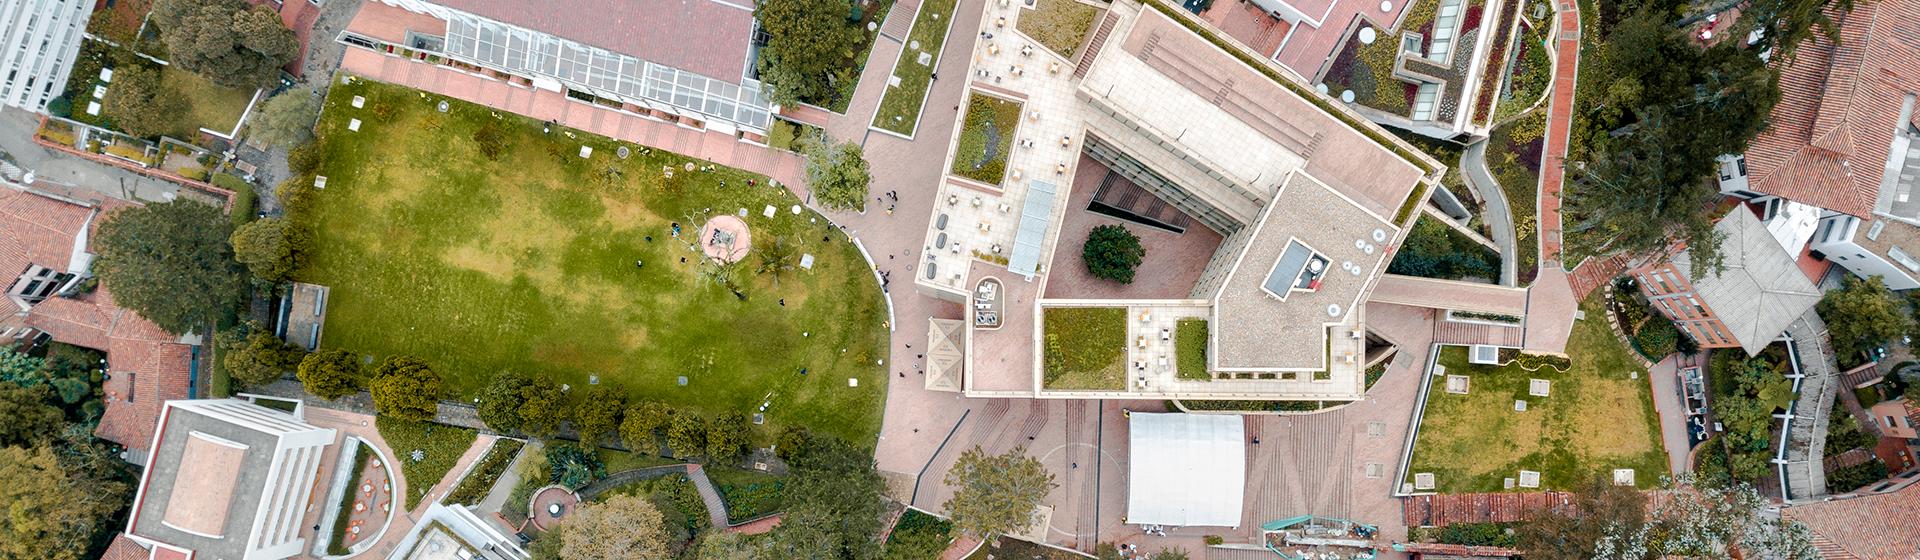 Foto área del campus de la Universidad de los Andes